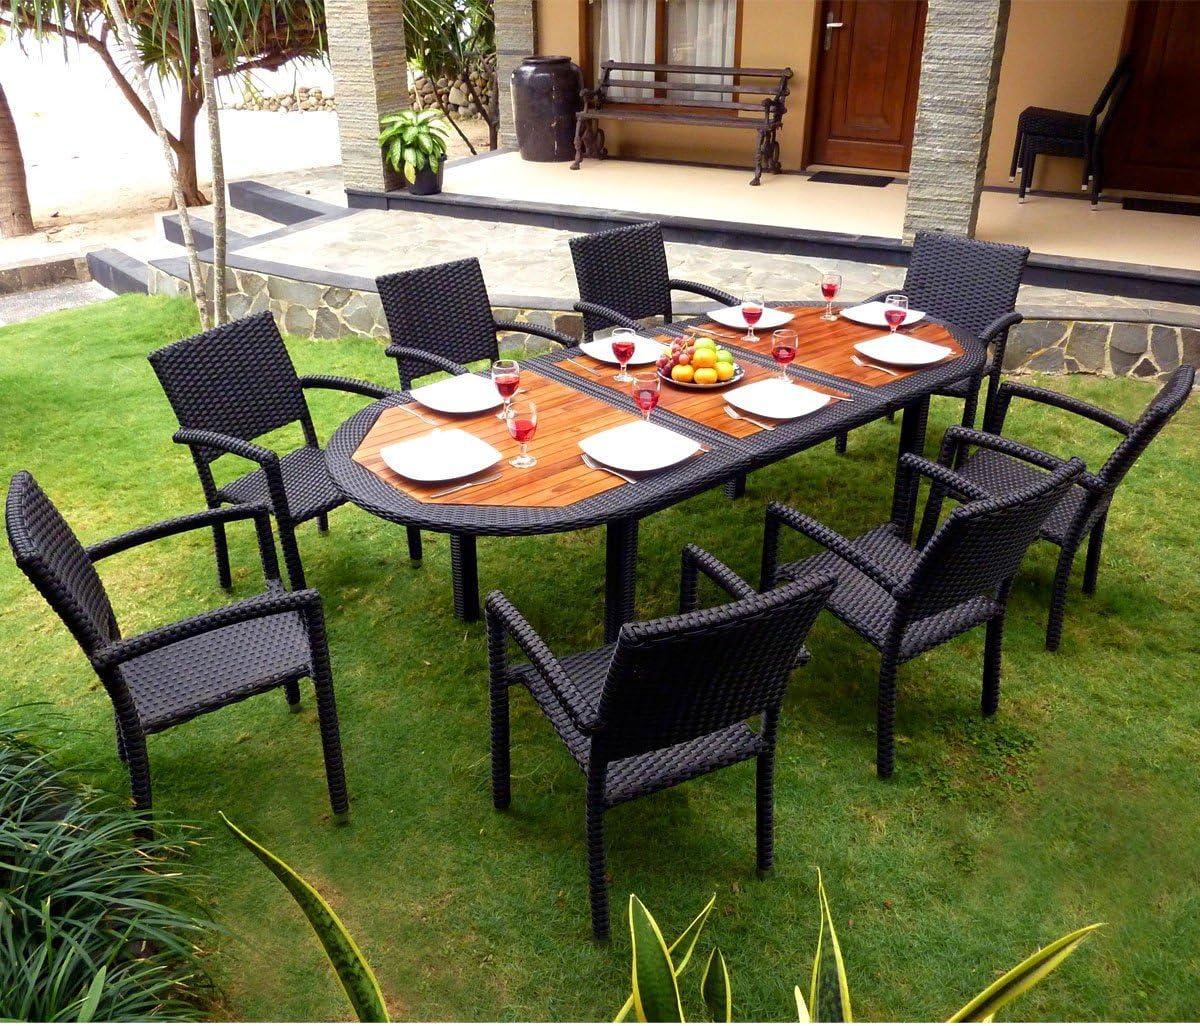 Conjunto de mesa y sillas de jardín 8 personas, resina trenzada, sillas de teca y: Amazon.es: Hogar